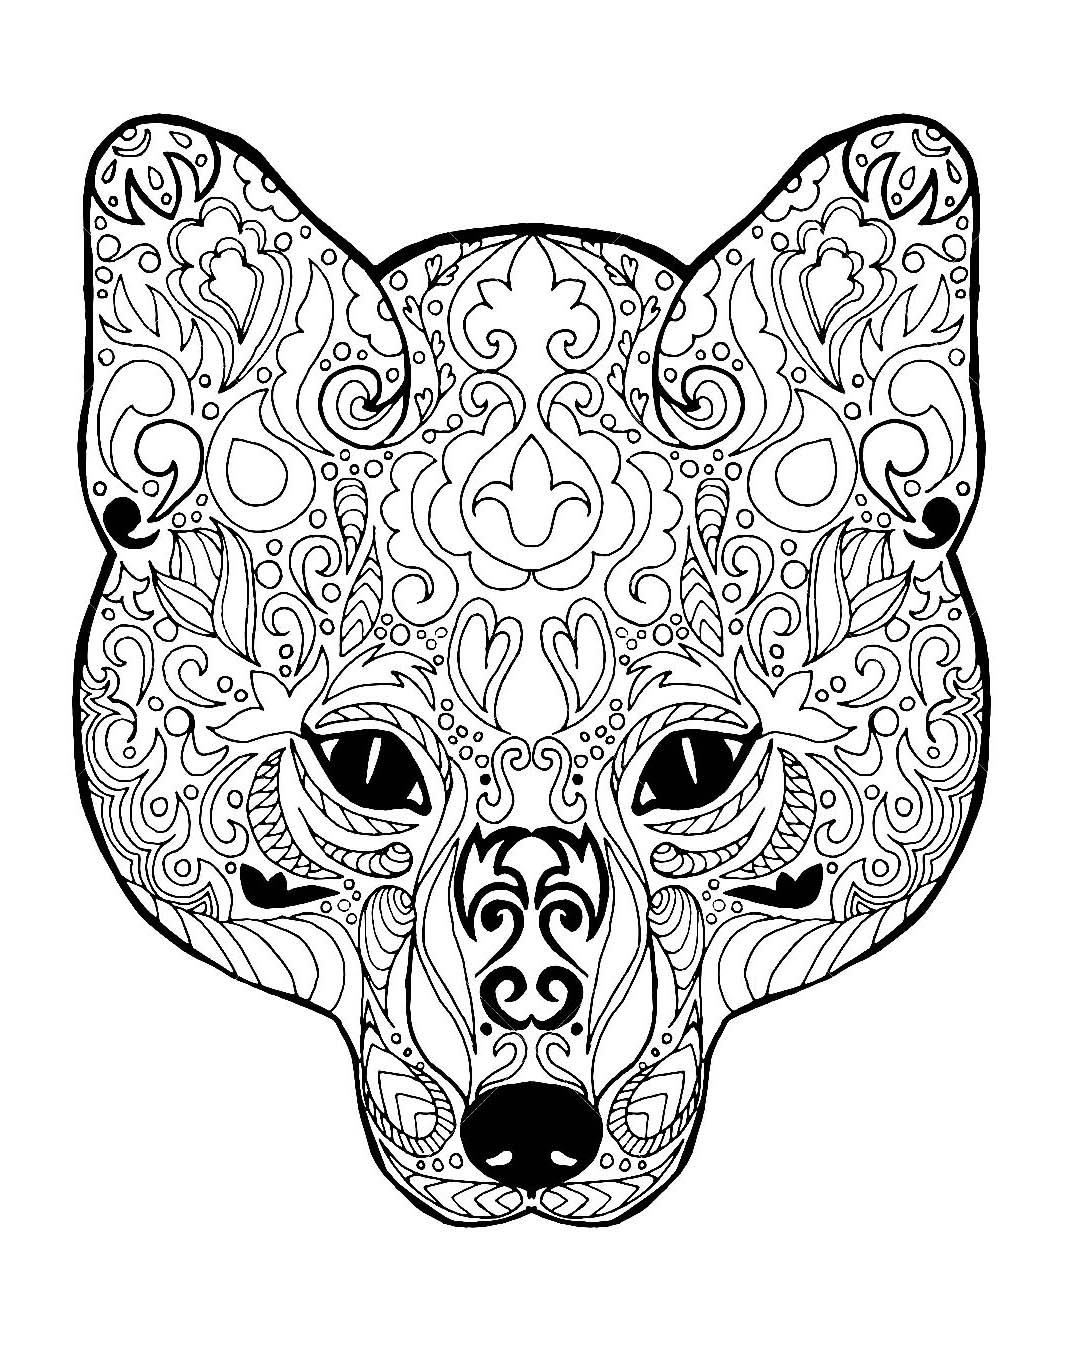 Gratuit tete de renard avec motifs coloriage de renards coloriages pour enfants - Coloriage renard a imprimer ...